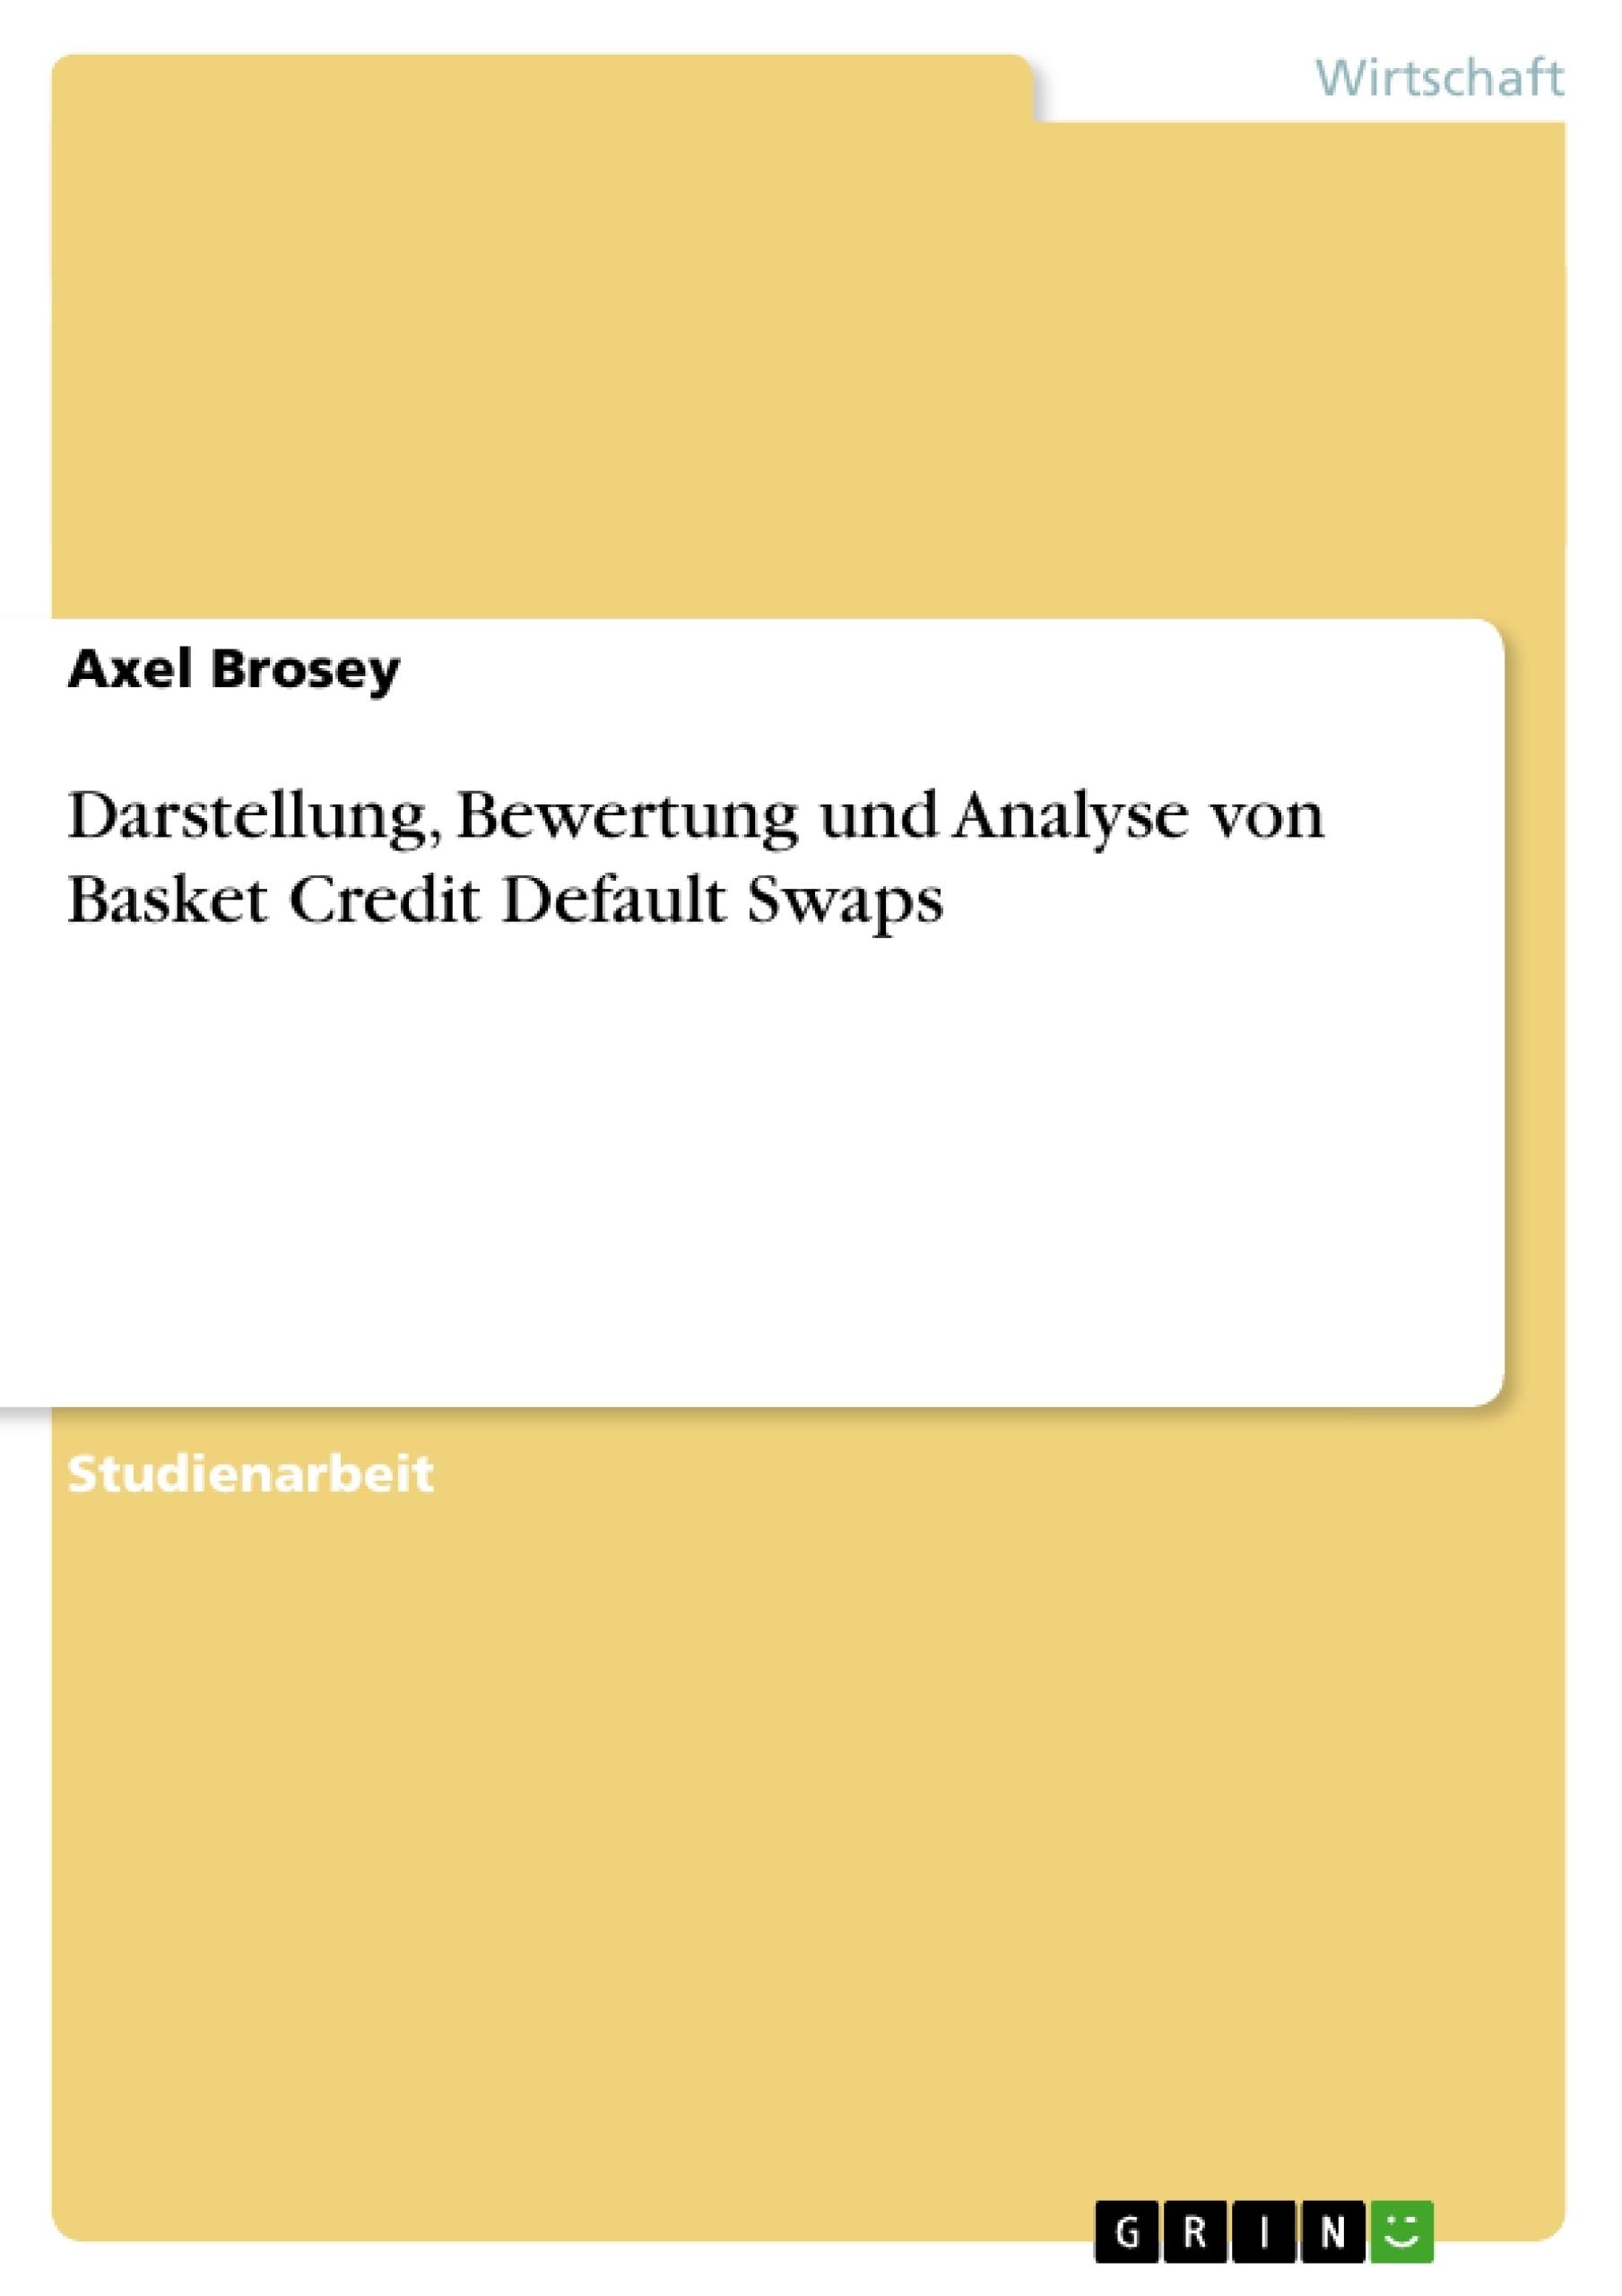 Titel: Darstellung, Bewertung und Analyse von Basket Credit Default Swaps